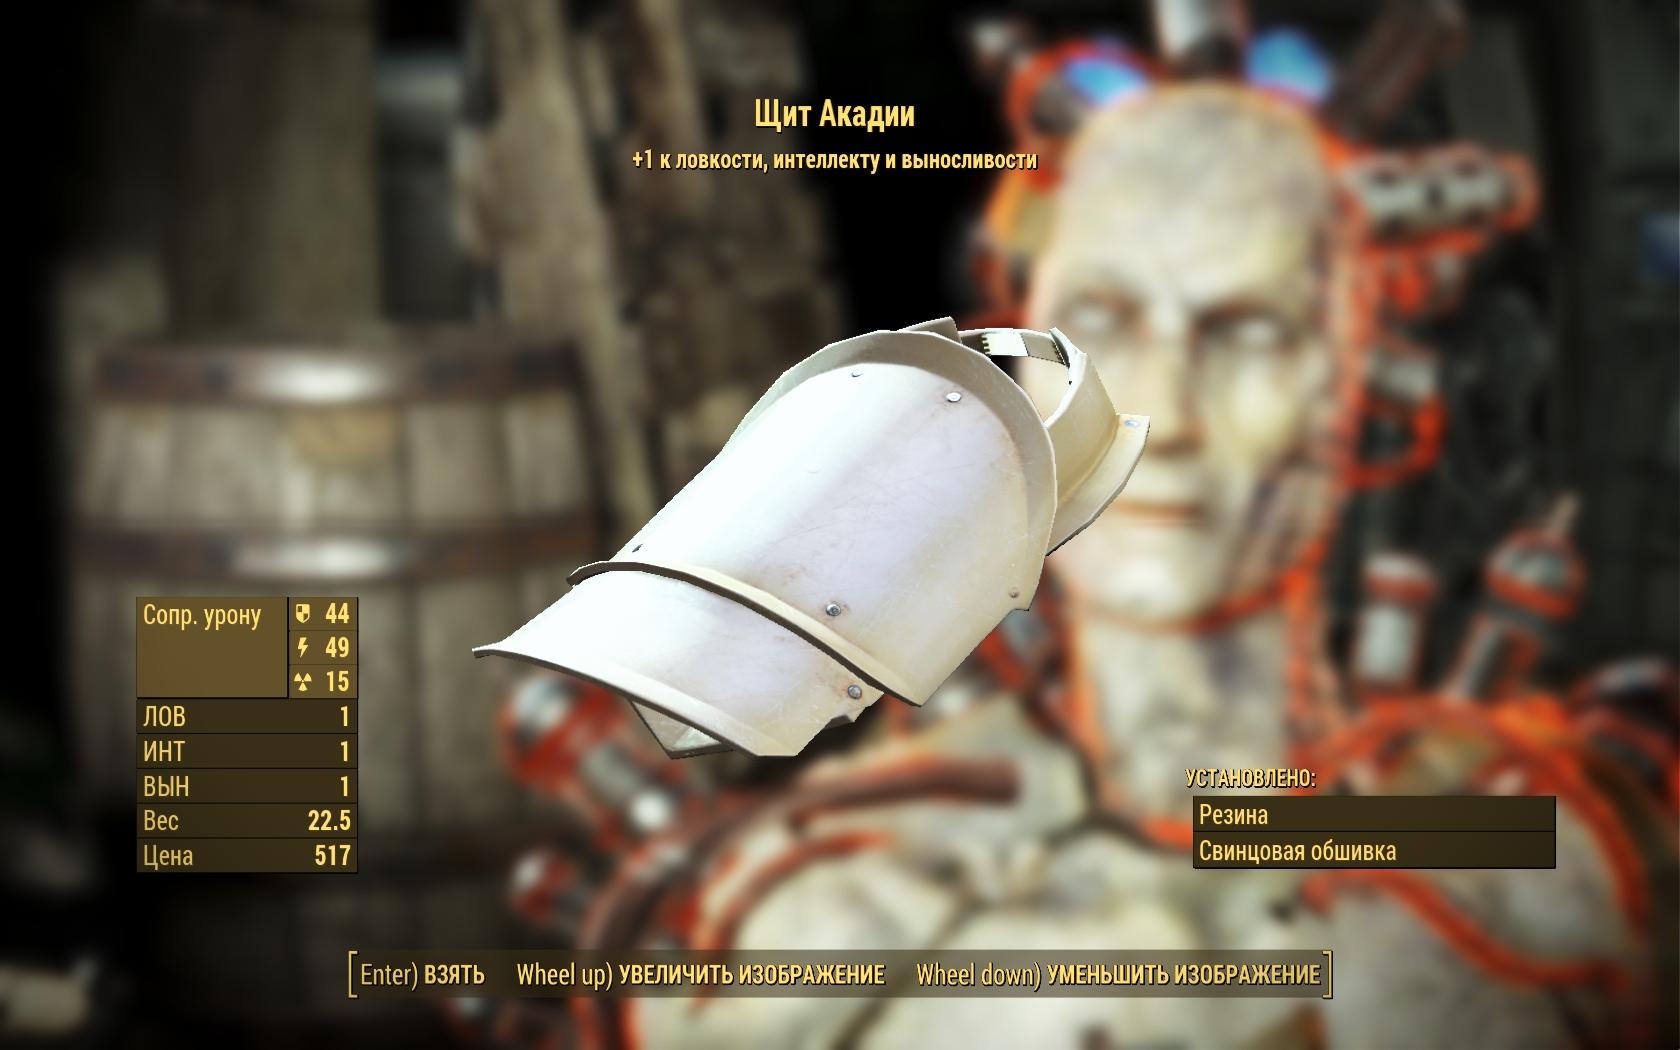 Щит Акадии (Фар-Харбор, подарок ДиМА) - Fallout 4 Акадия, ДиМА, Одежда, подарок, Щит Акадии